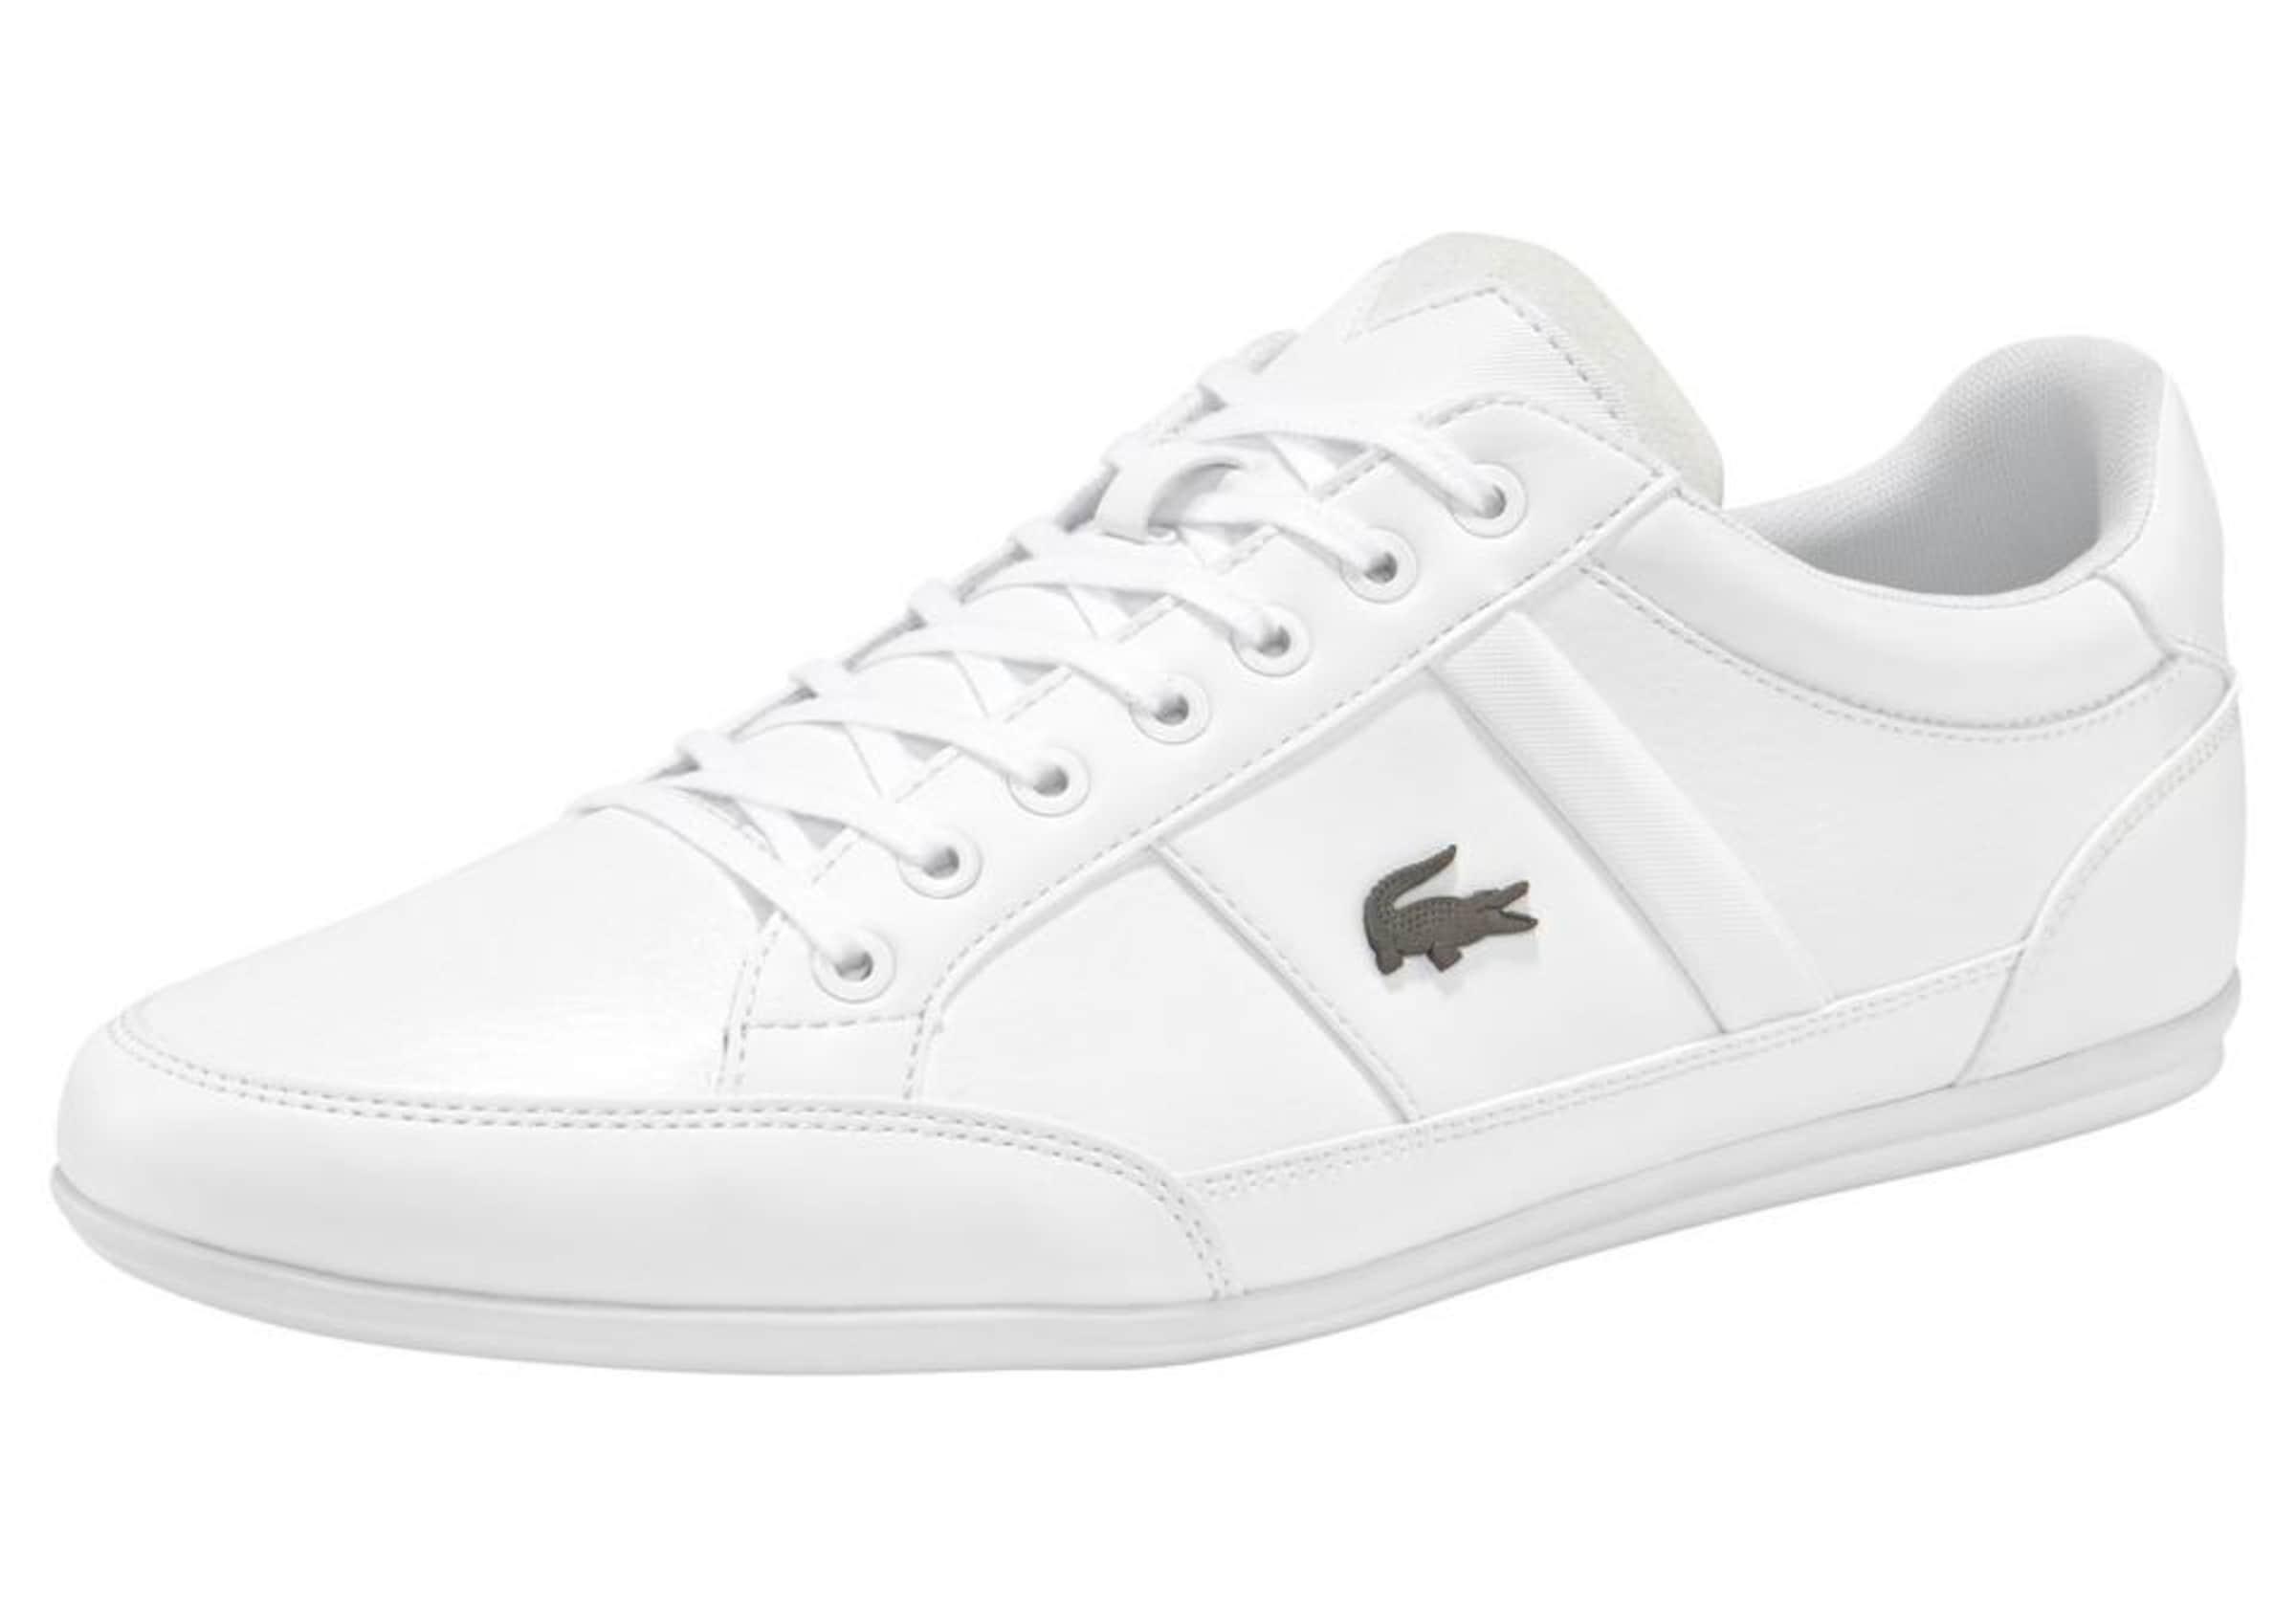 Bl Weiß 1 In 'chaymon Lacoste Sneaker Cma' wkXluOPZiT